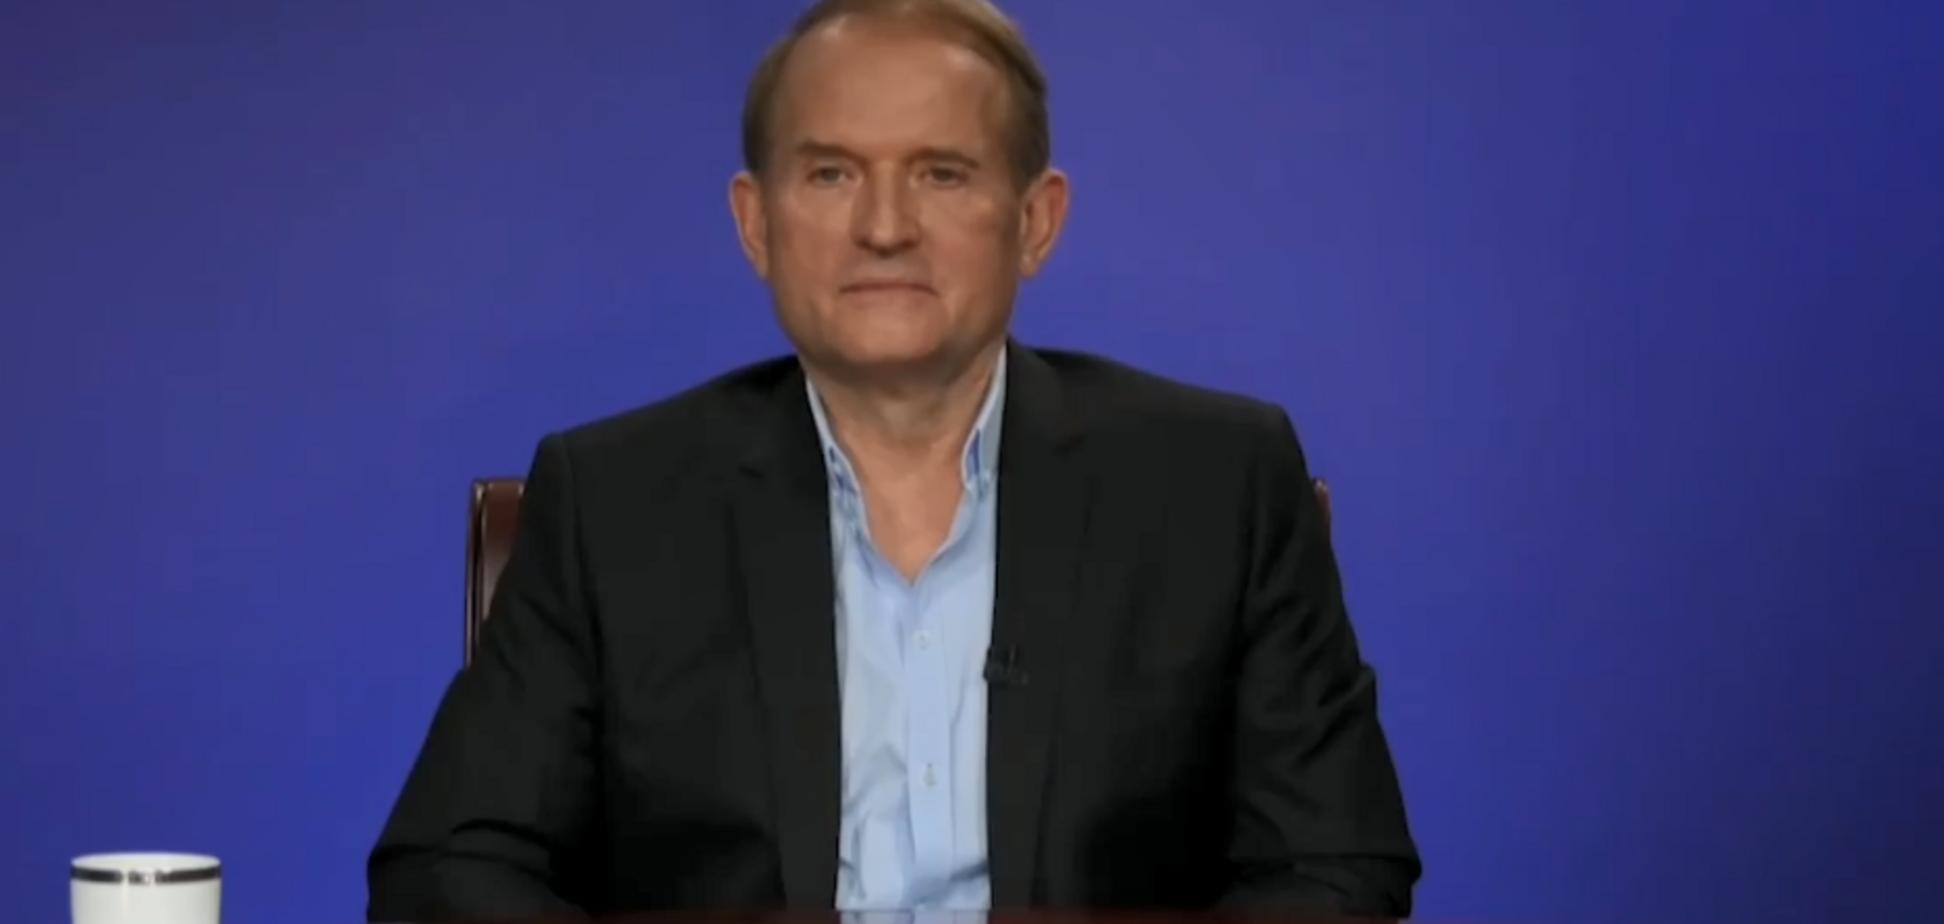 Поки йшла реклама: Медведчук на росТБ видав прогноз про вибори в Україні